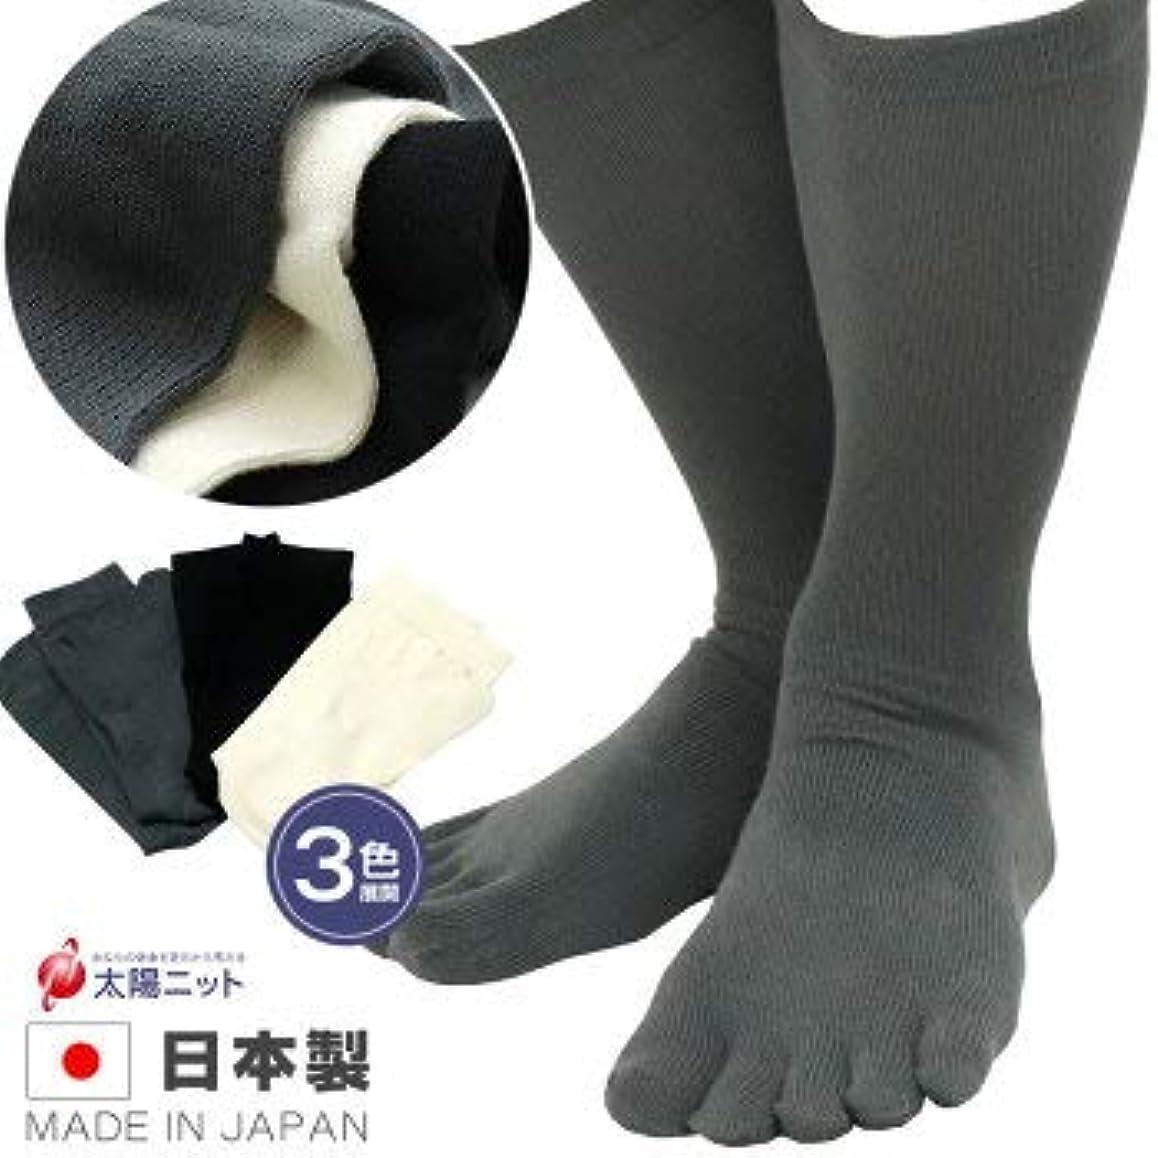 モッキンバードチートやさしい男性用 綿100% 5本指 靴下 におい ムレ 対策 24-26㎝ 太陽ニッ ト321 (グレー)